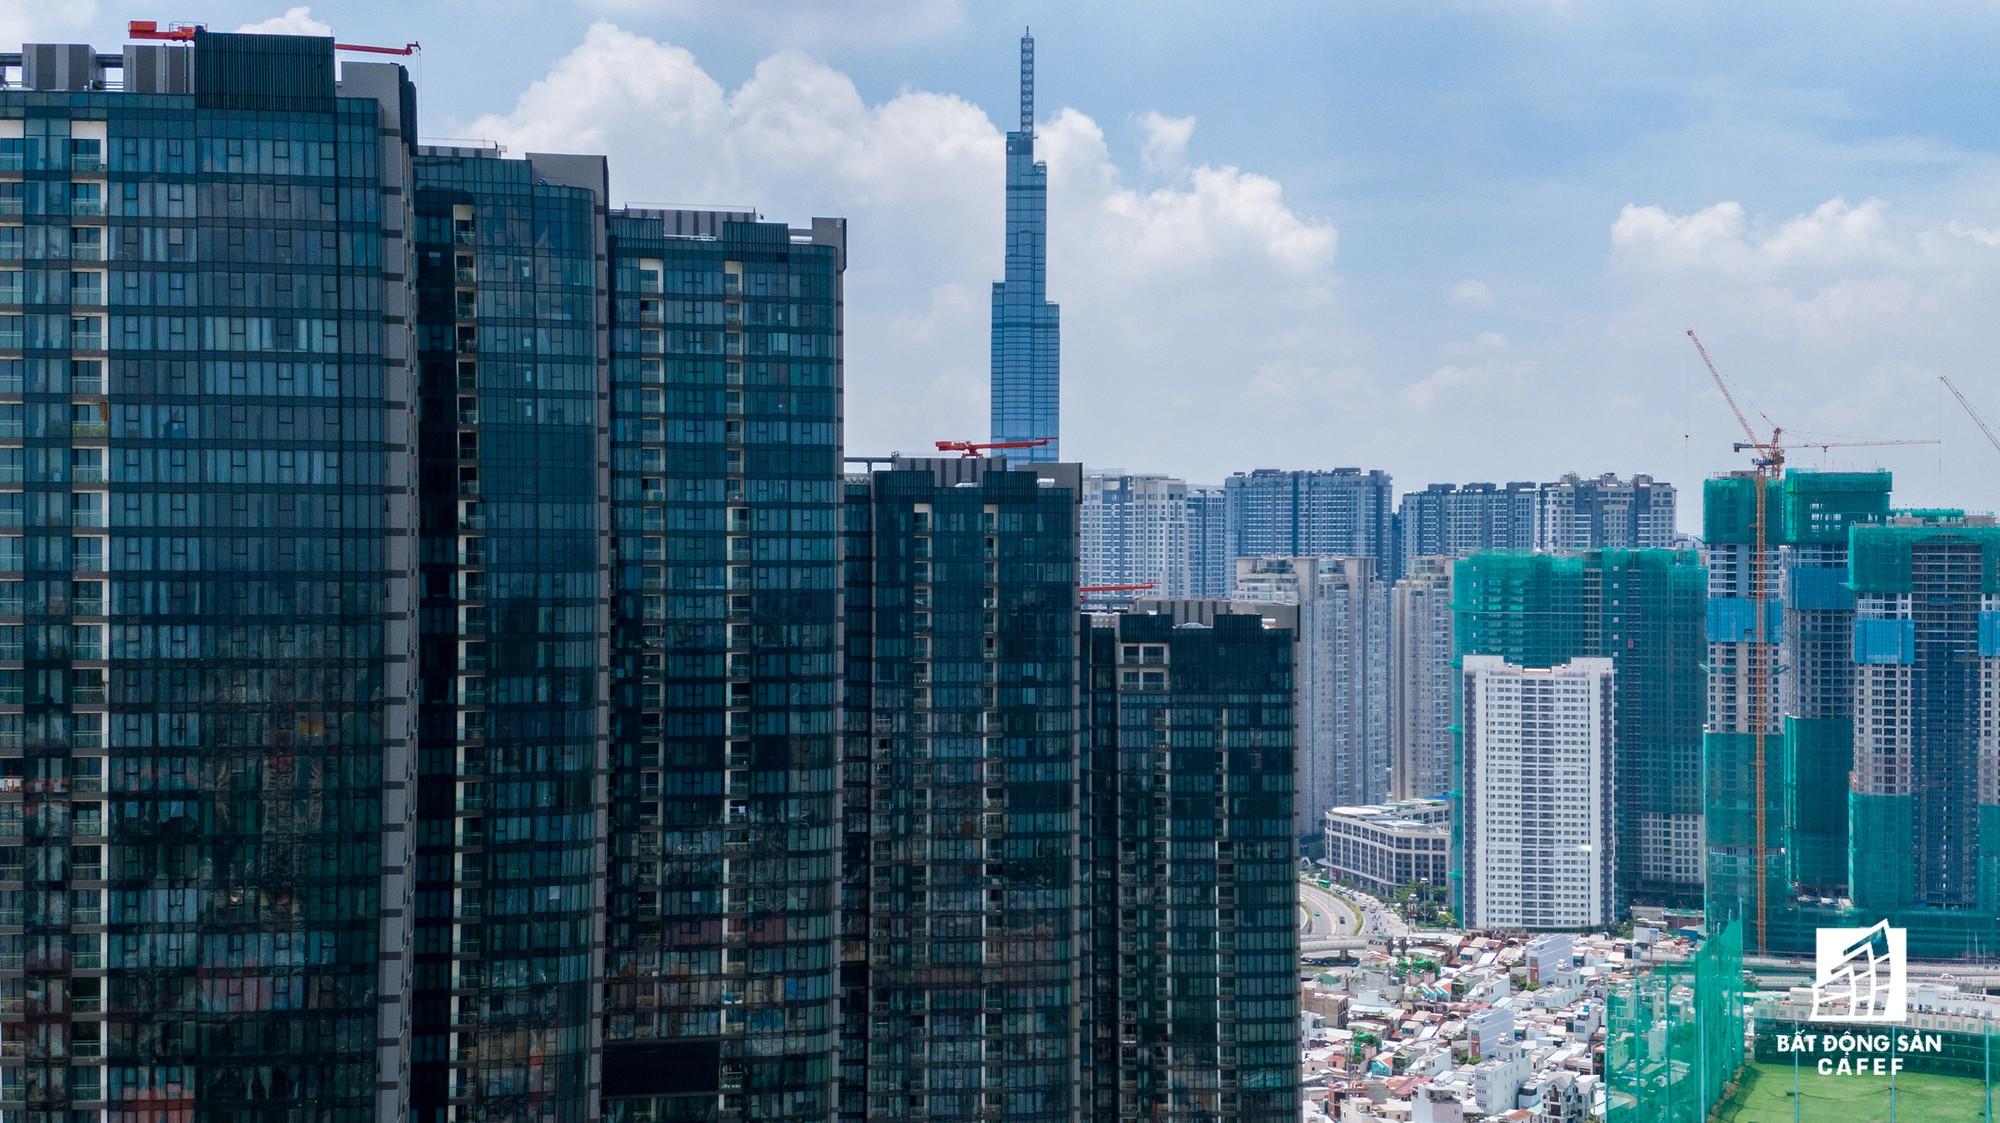 Diện mạo hai bờ sông Sài Gòn tương lai nhìn từ loạt siêu dự án tỷ đô, khu vực trung tâm giá nhà lên hơn 1 tỷ đồng/m2 - Ảnh 22.